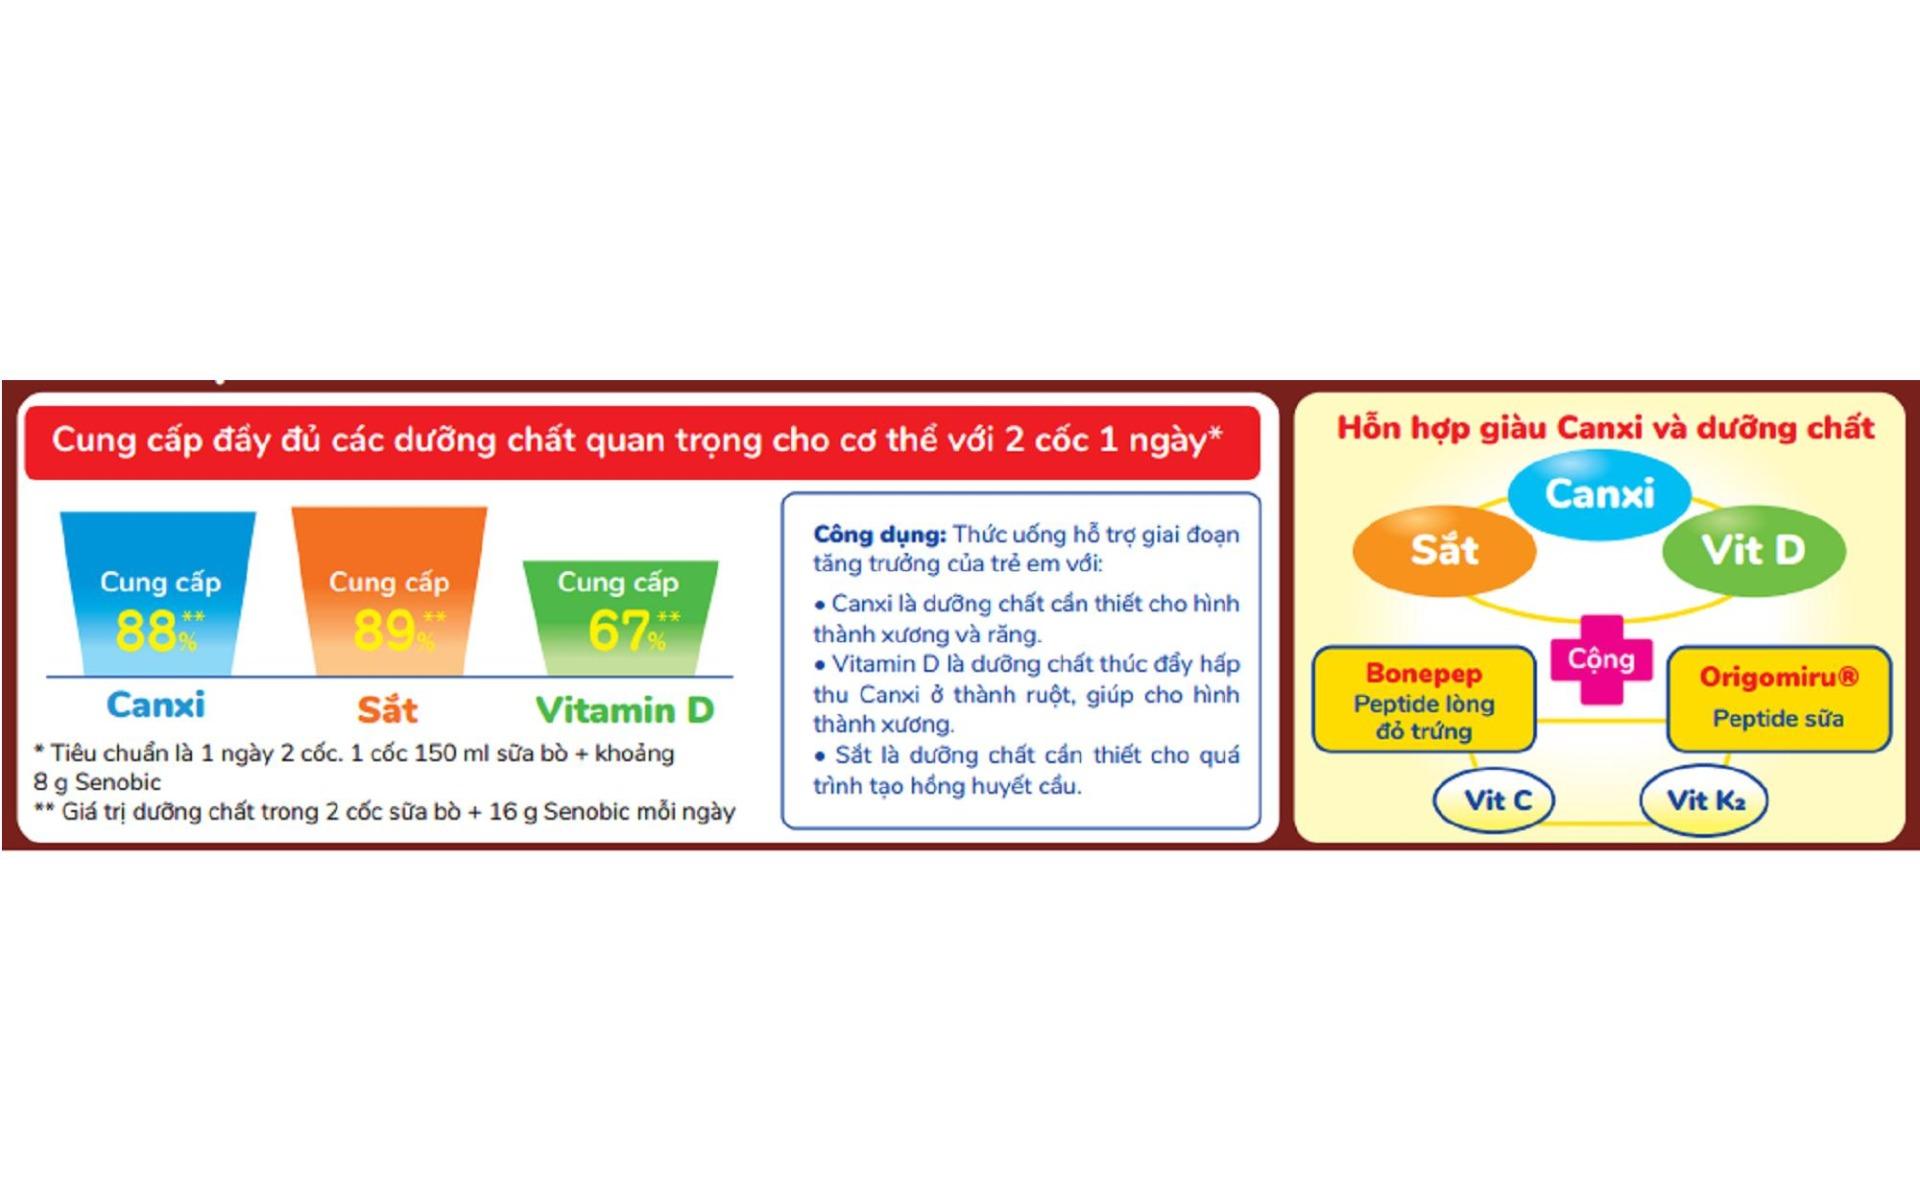 Thức Uống Hỗ Trợ Tăng Trưởng Chiều Cao ROHTO SENOBIC cung cấp hàm lượng Canxi, Sắt và Vitamin D